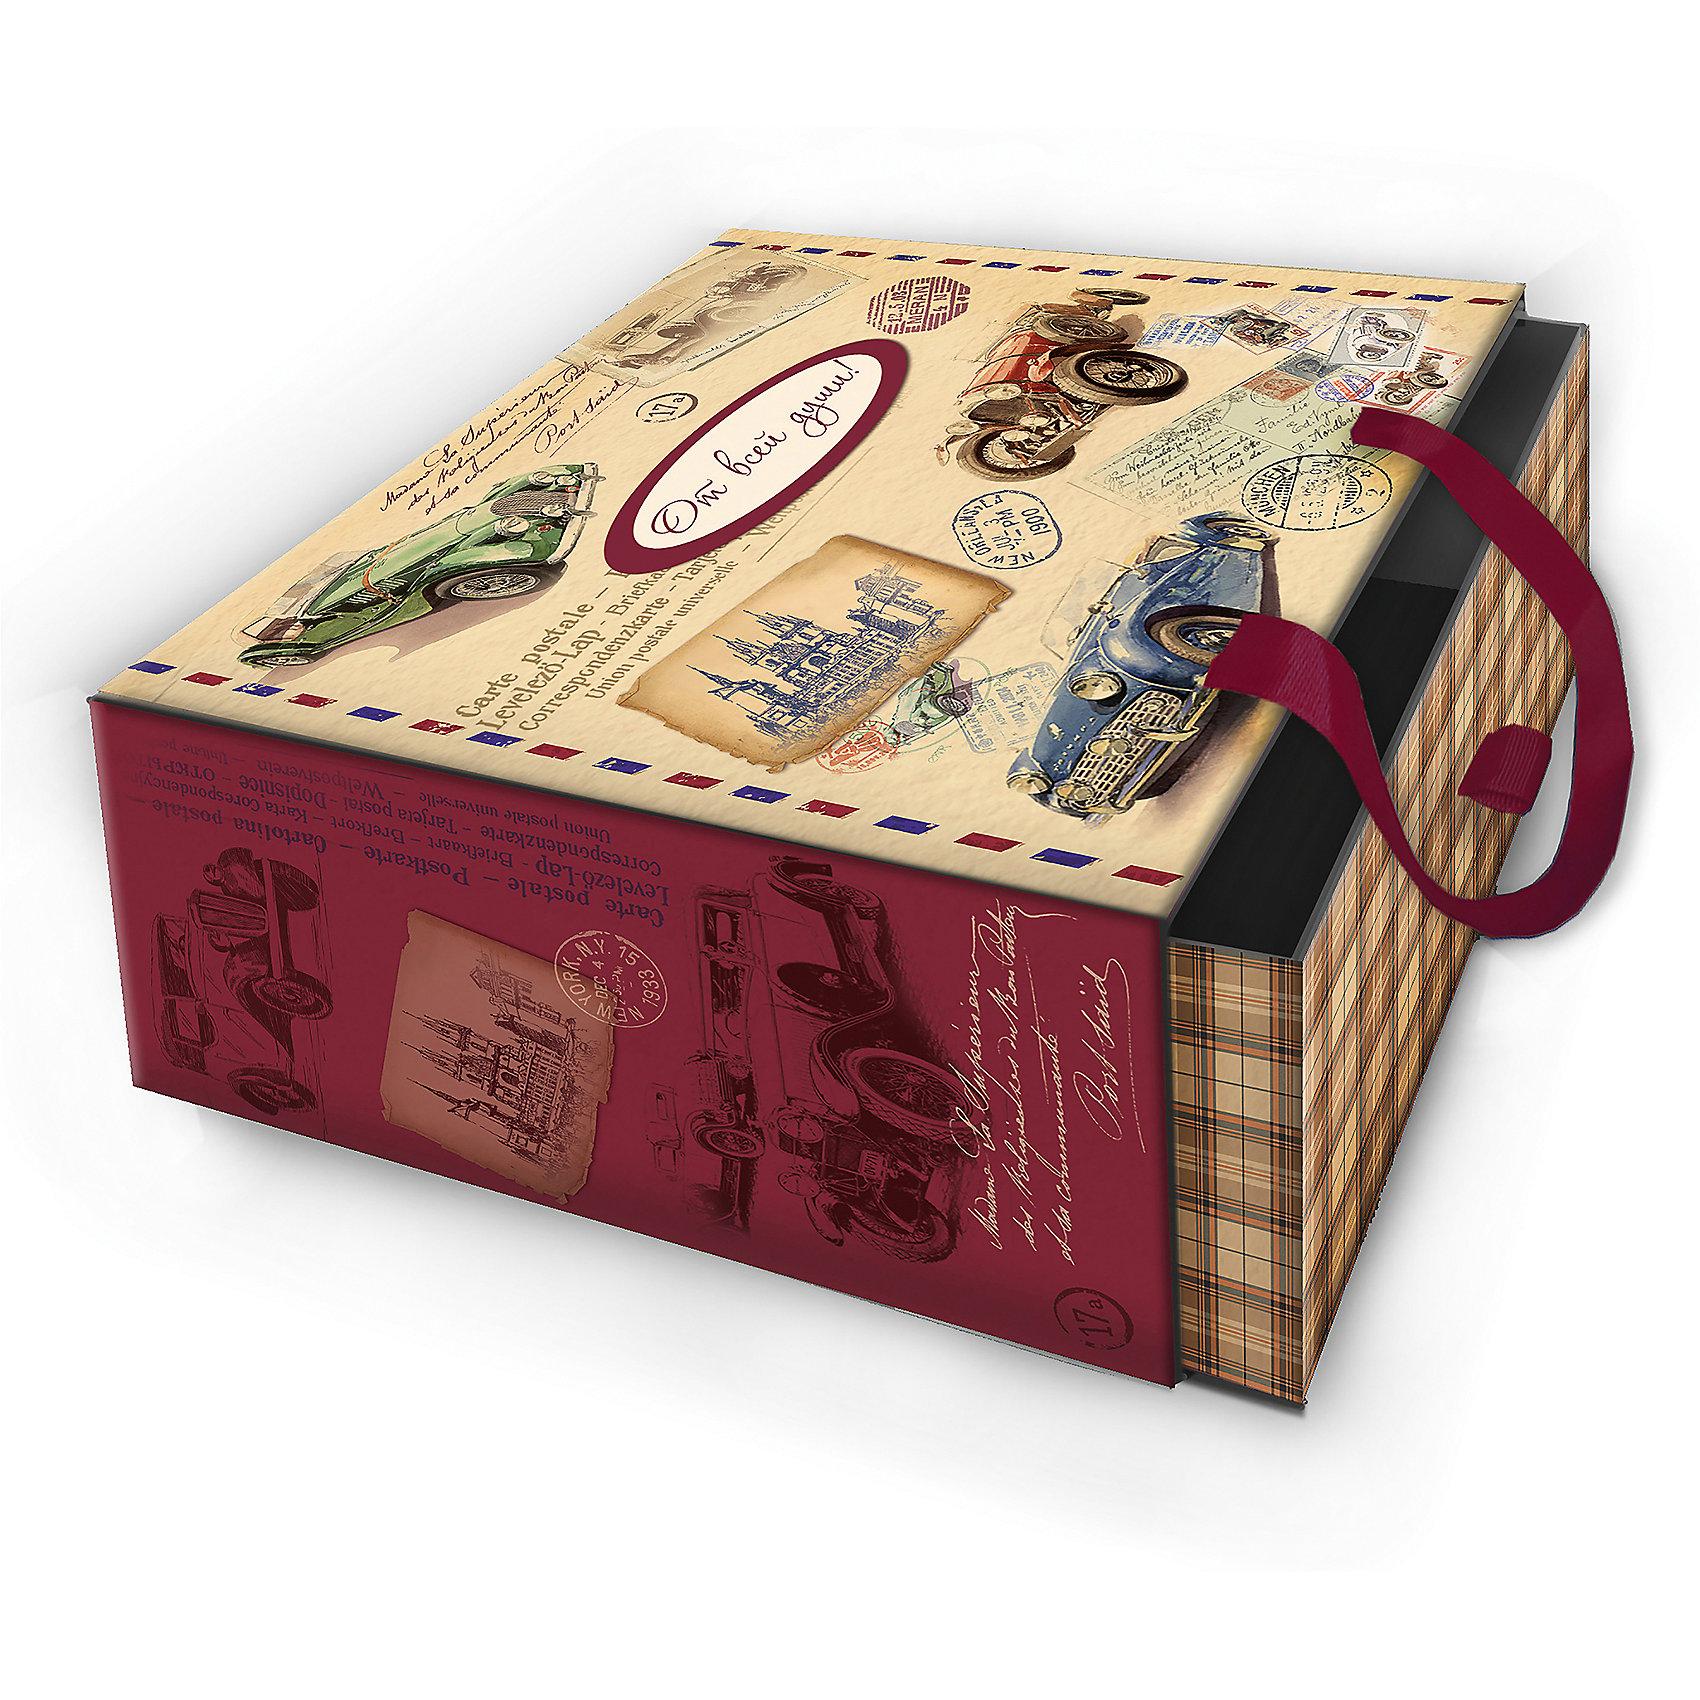 Коробка подарочная Ретро машины, 16х16х8см., Феникс-ПрезентПредметы интерьера<br>Коробка подарочная Ретро машины, 16х16х8см., Феникс-Презент<br><br>Характеристики:<br><br>• оригинальный дизайн<br>• удобные ручки на внешней стороне<br>• петелька на внутренней части<br>• размер: 16х16х8 см<br>• материал: ламинированный картон, текстиль<br><br>Если вы хотите добавить подарку оригинальности - используйте необычную подарочную коробку. Коробка Ретро машины изготовлена из прочного ламинированного картона. Она состоит из двух частей. Внутренняя часть вставляется в наружную. На внутренней части есть небольшая петелька, с помощью которой получатель с легкостью достанет подарок. Наружная часть имеет две красивые ручки для удобства переноски. Коробка оформлена изображением ретро автомобилей.<br><br>Коробку подарочную Ретро машины, 16х16х8см., Феникс-Презент можно купить в нашем интернет-магазине.<br><br>Ширина мм: 160<br>Глубина мм: 160<br>Высота мм: 80<br>Вес г: 121<br>Возраст от месяцев: 36<br>Возраст до месяцев: 2147483647<br>Пол: Унисекс<br>Возраст: Детский<br>SKU: 5449644